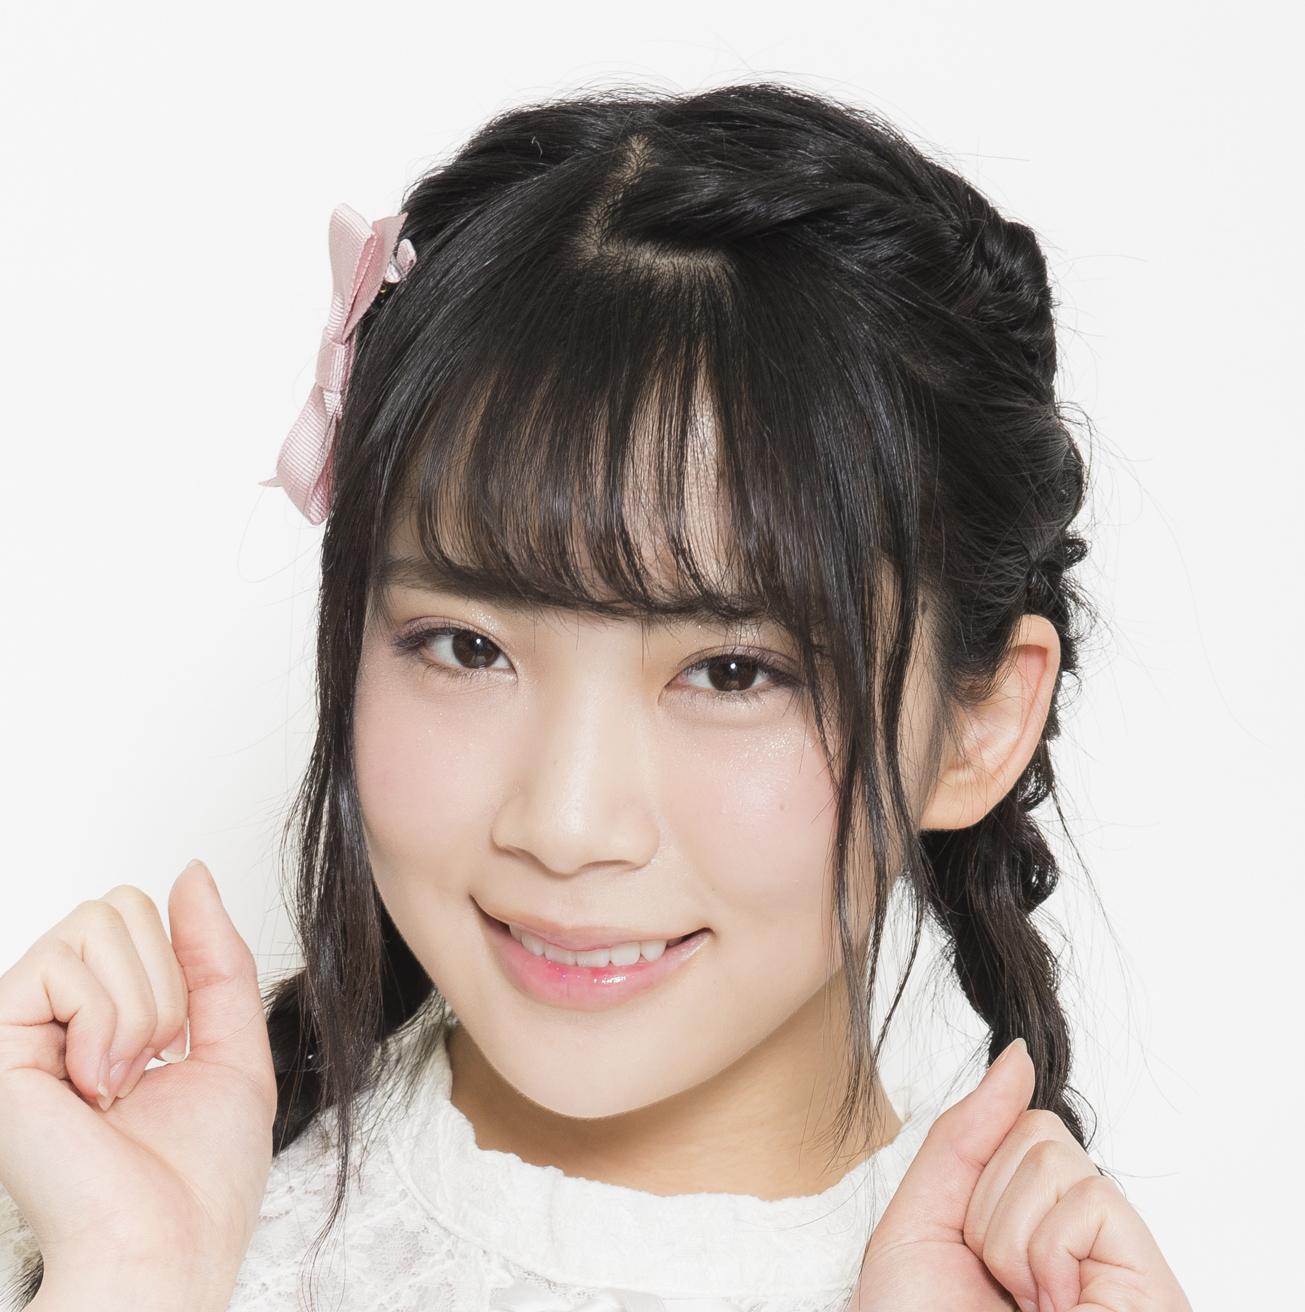 NGT48奈良未遥「この曲のせいで、最近ずっと泣いているんです…」